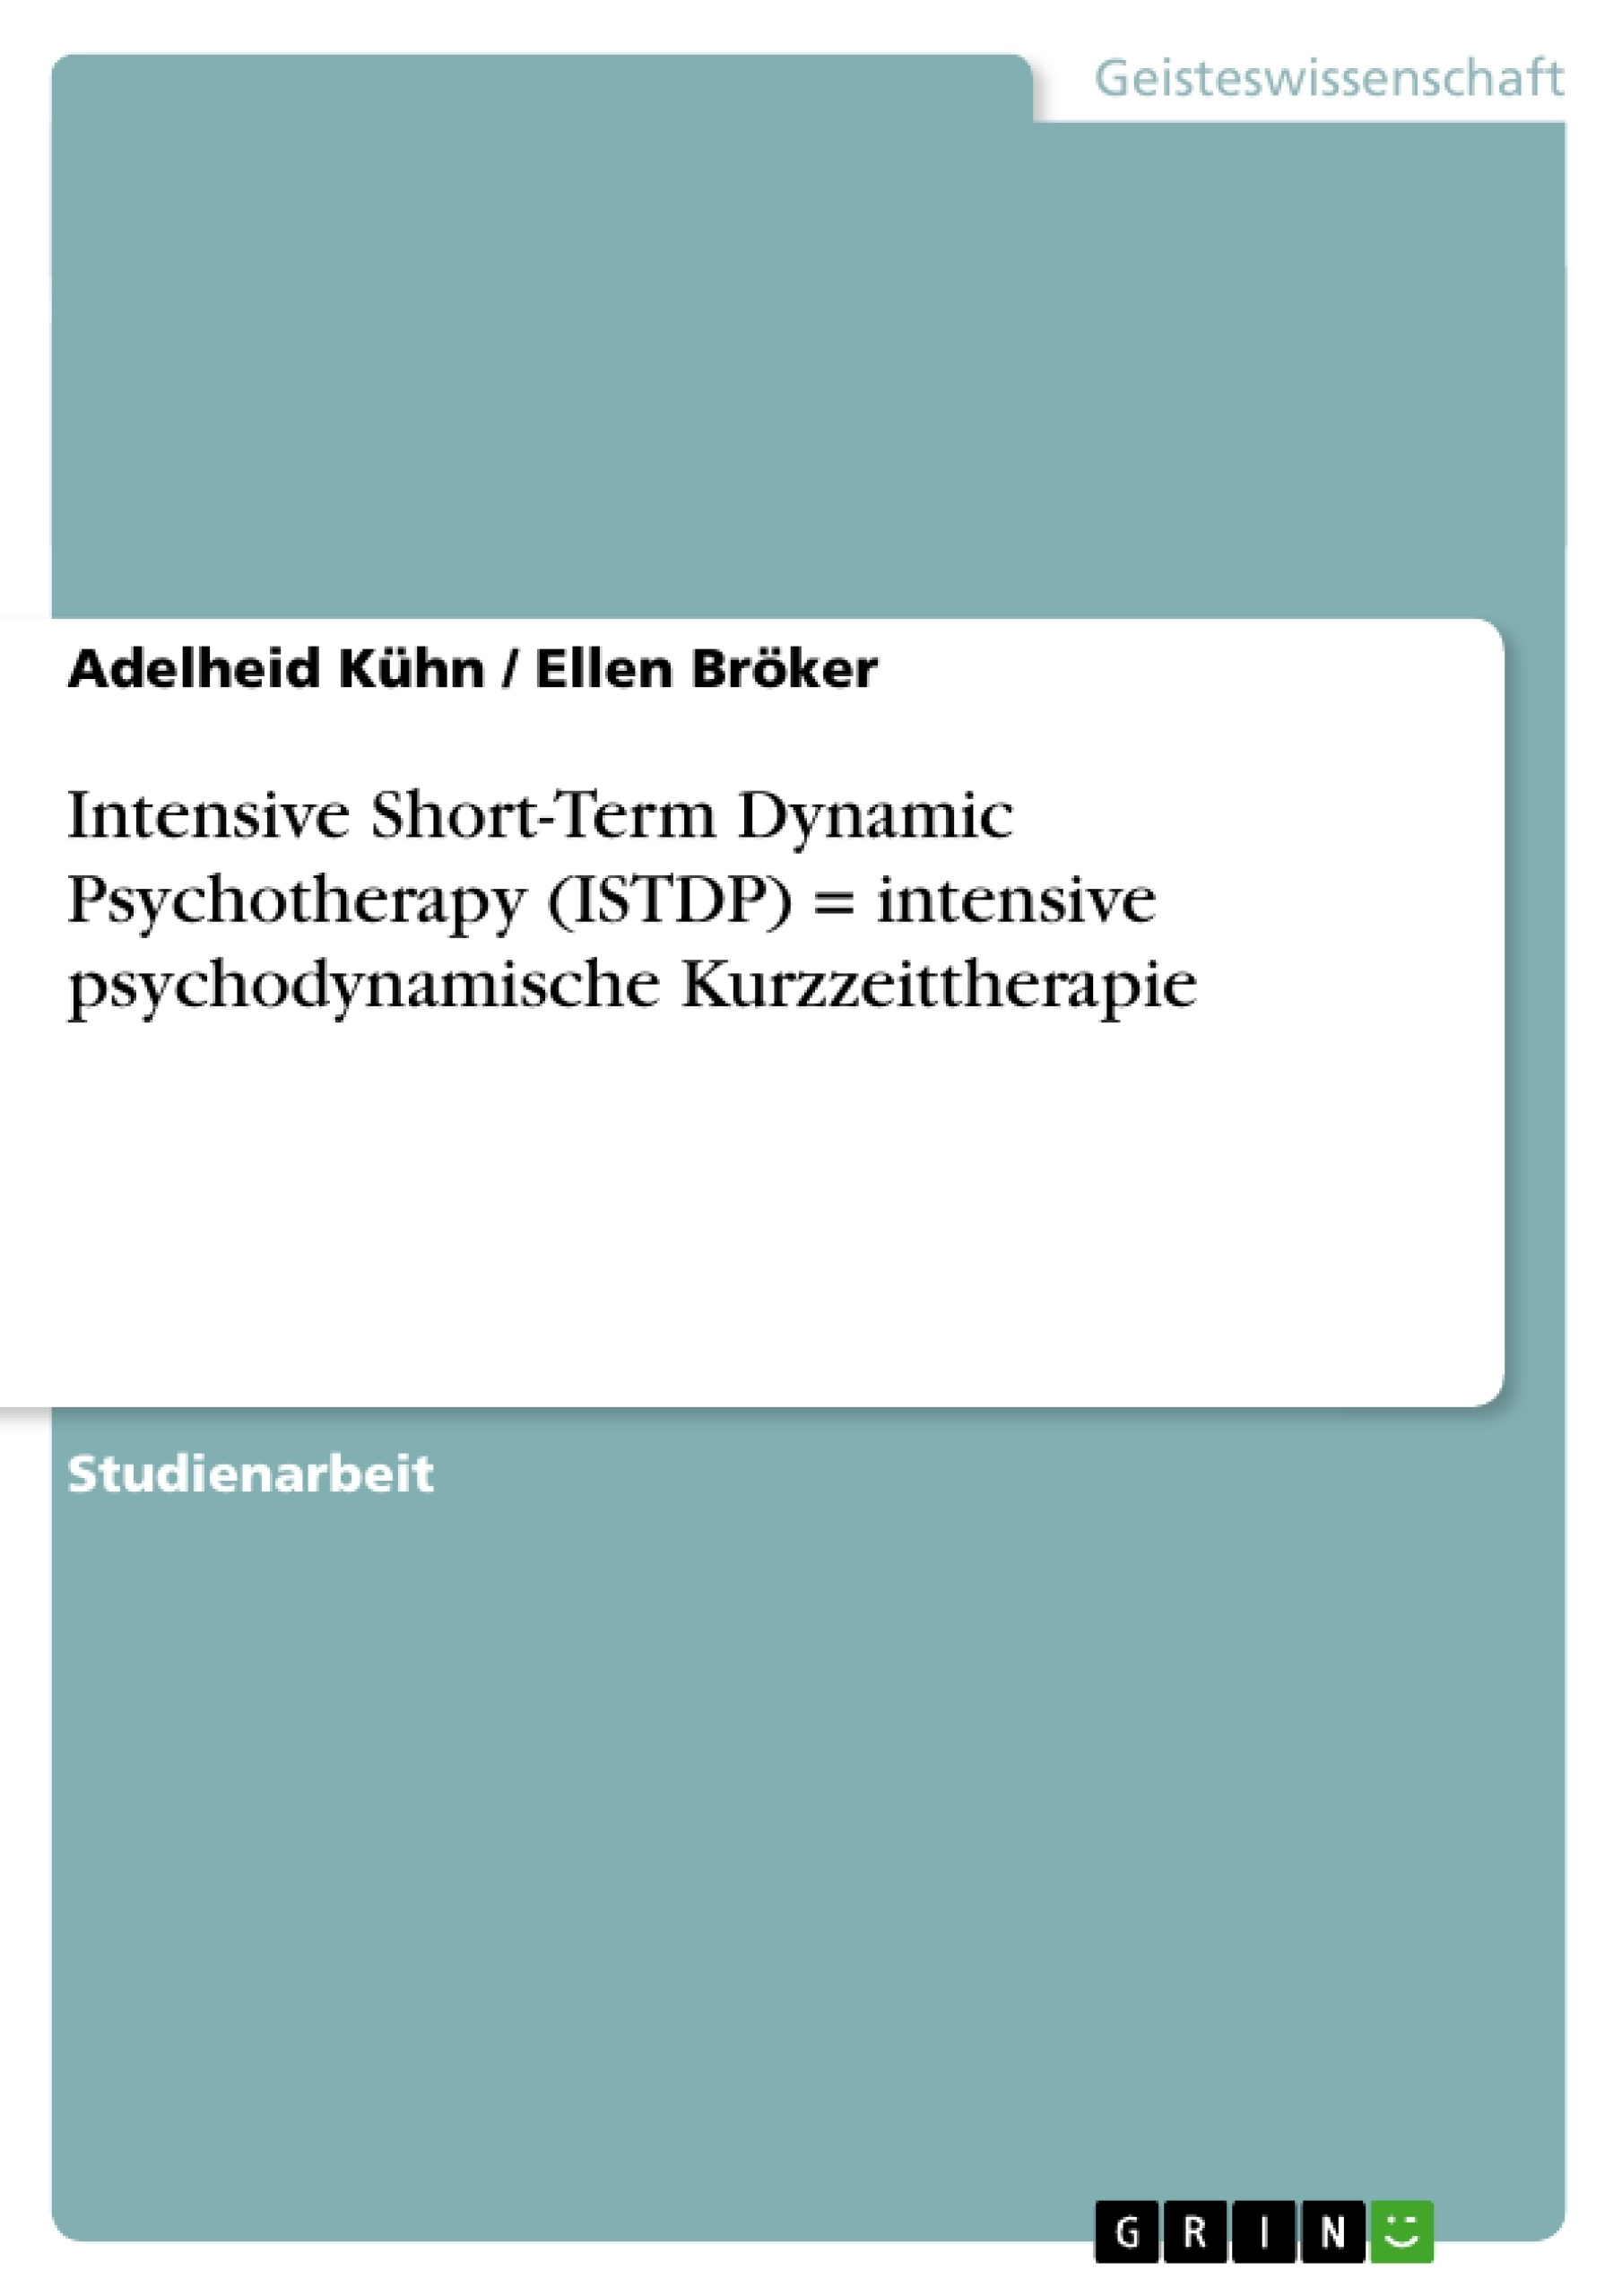 Titel: Intensive Short-Term Dynamic Psychotherapy (ISTDP) = intensive psychodynamische Kurzzeittherapie